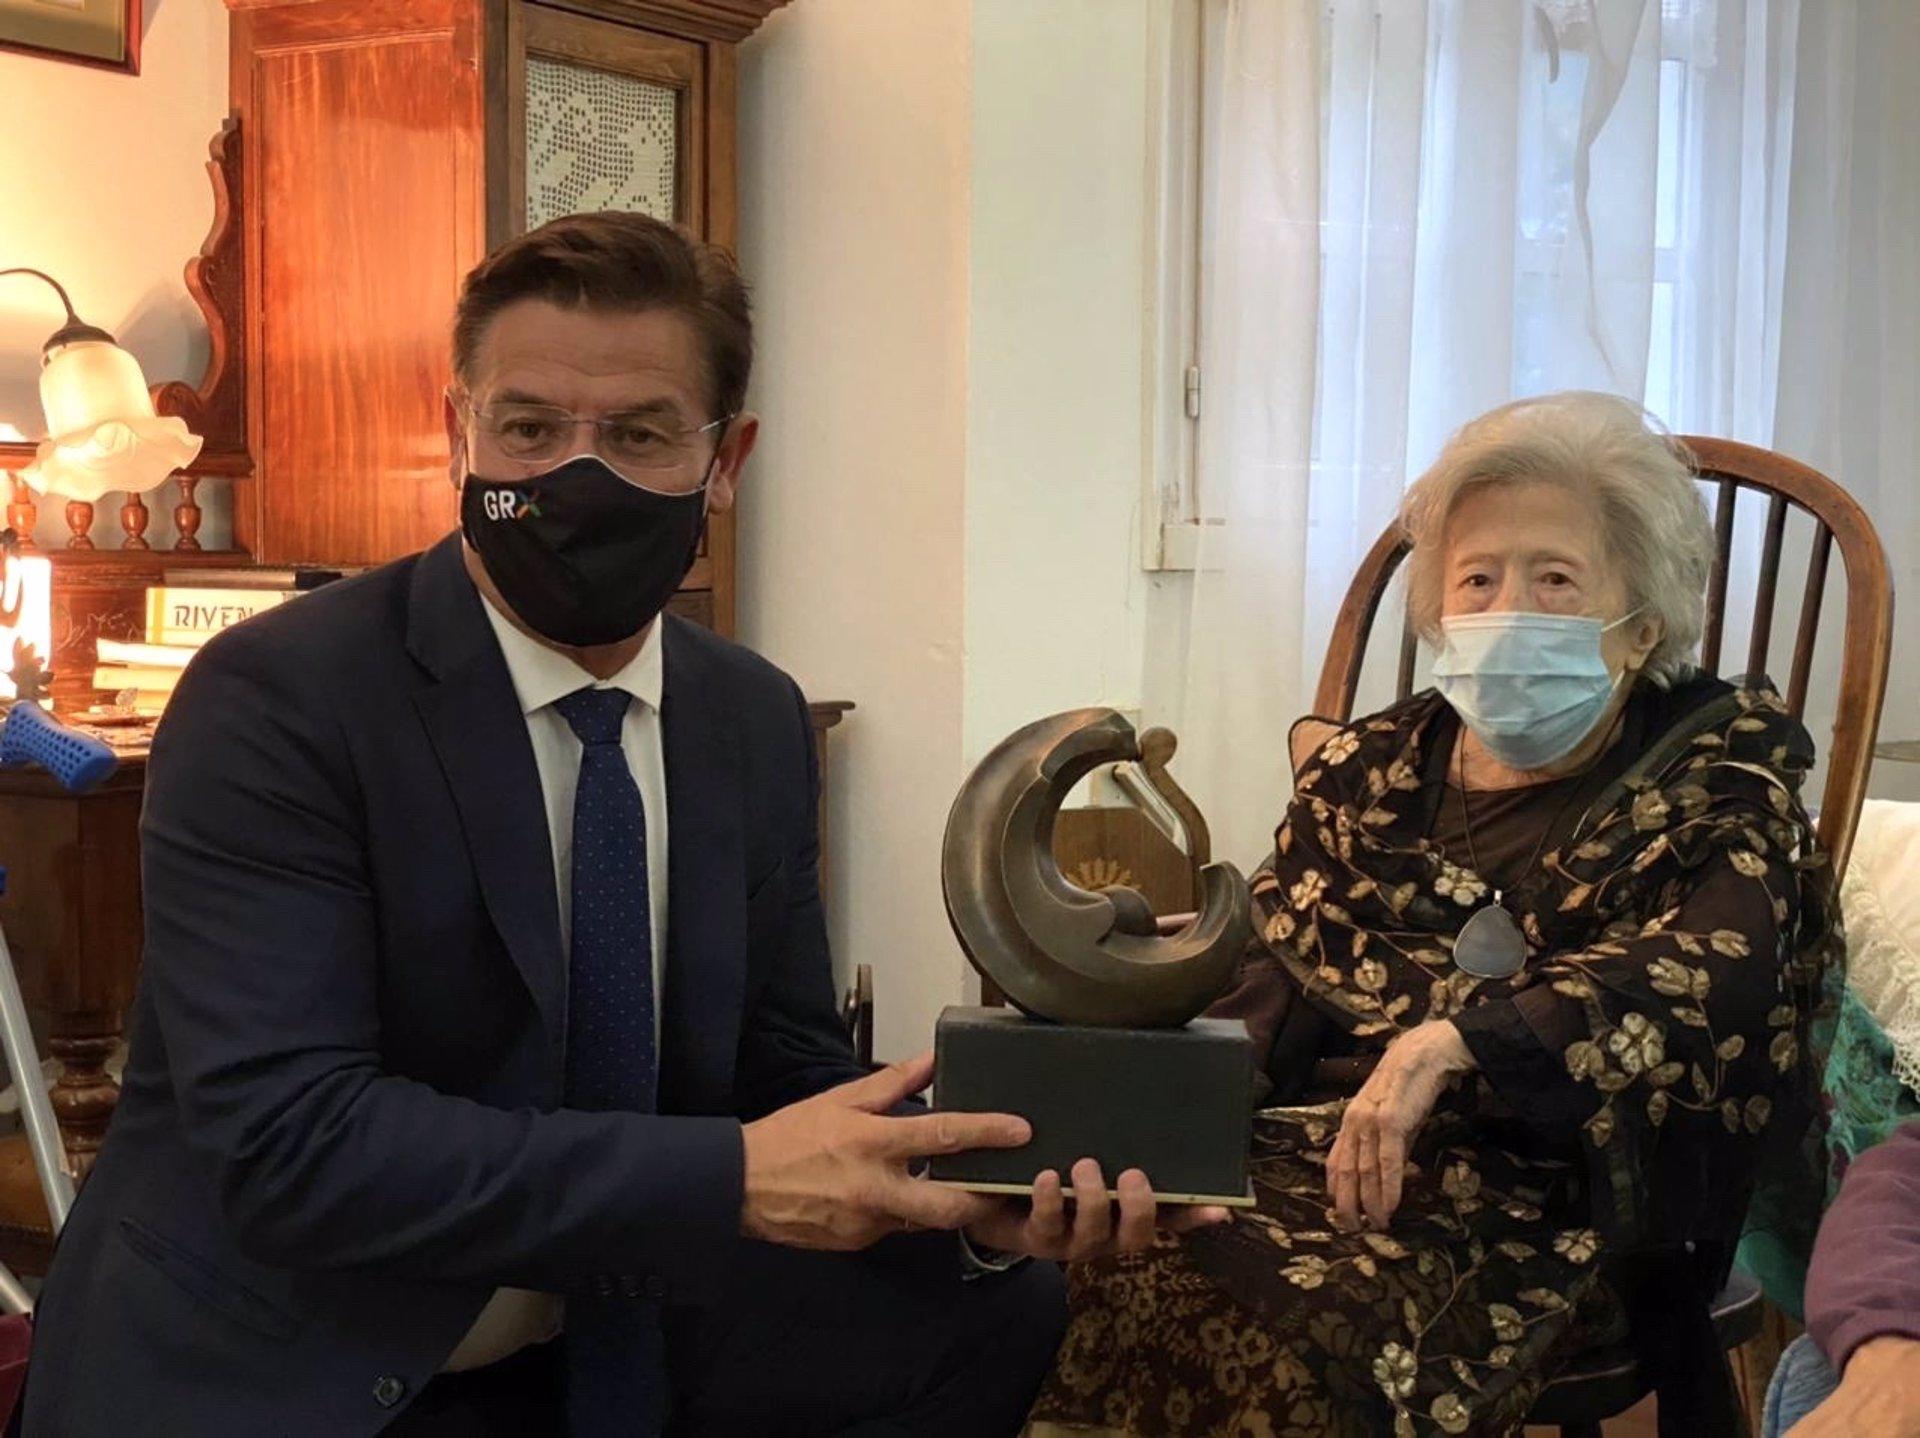 Julia Uceda recibe el Premio Lorca en su domicilio de Ferrol de manos del Alcalde